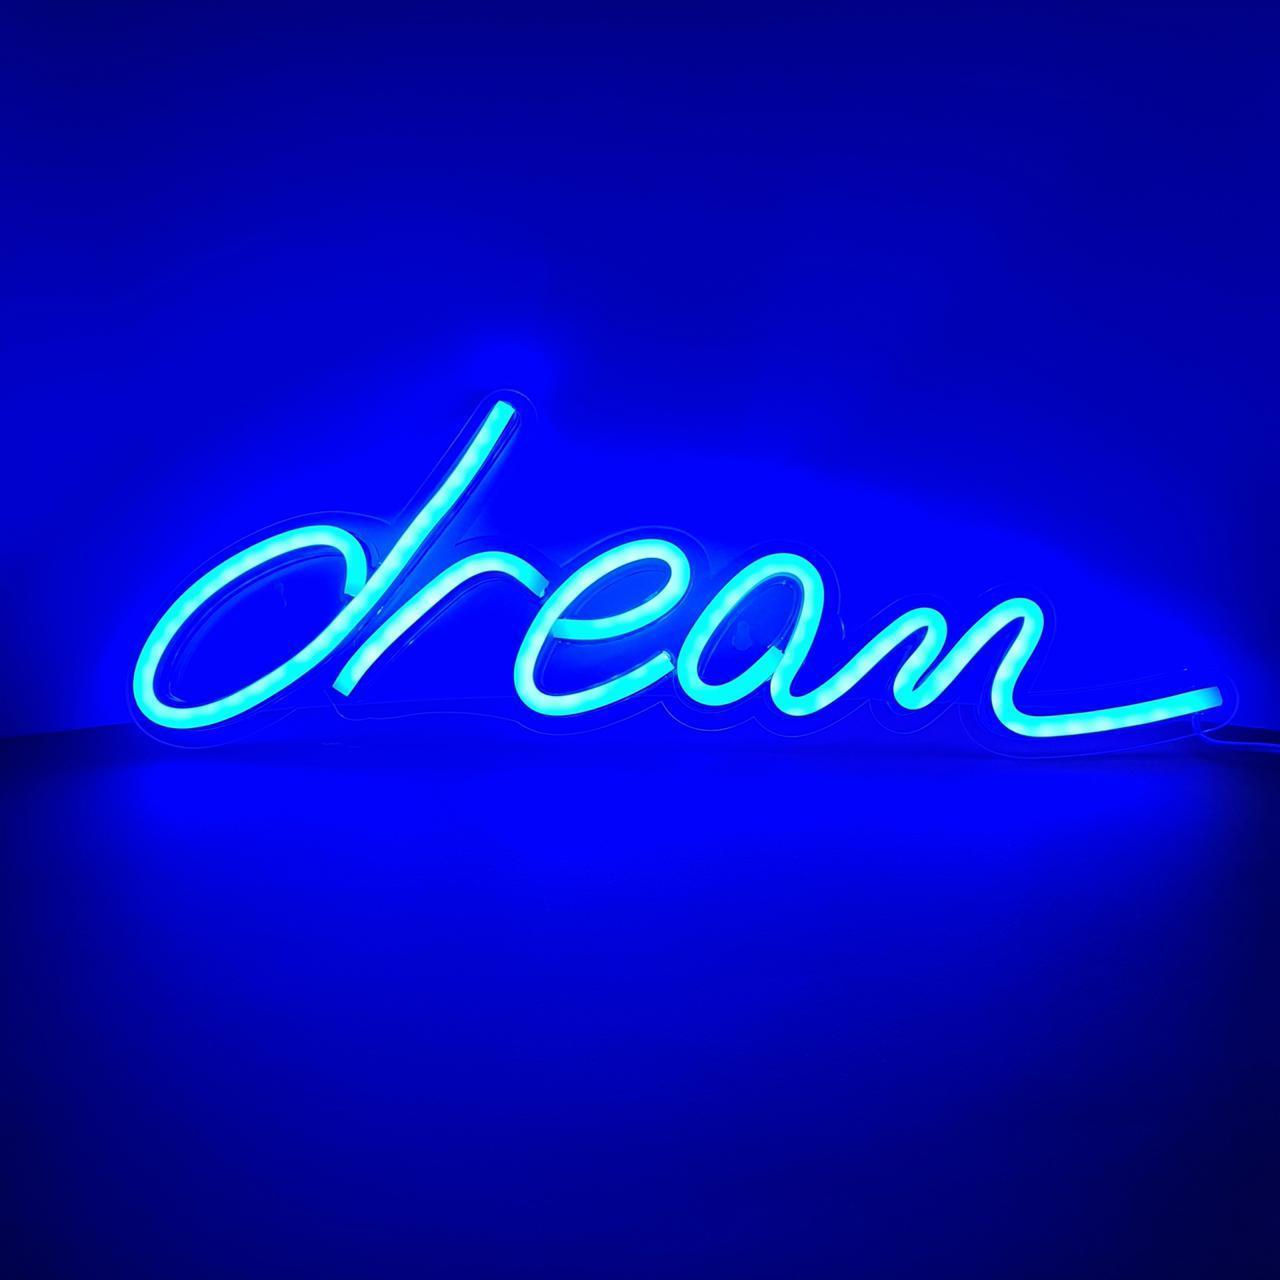 Креативные неоновые светильники (большие) - фото 7